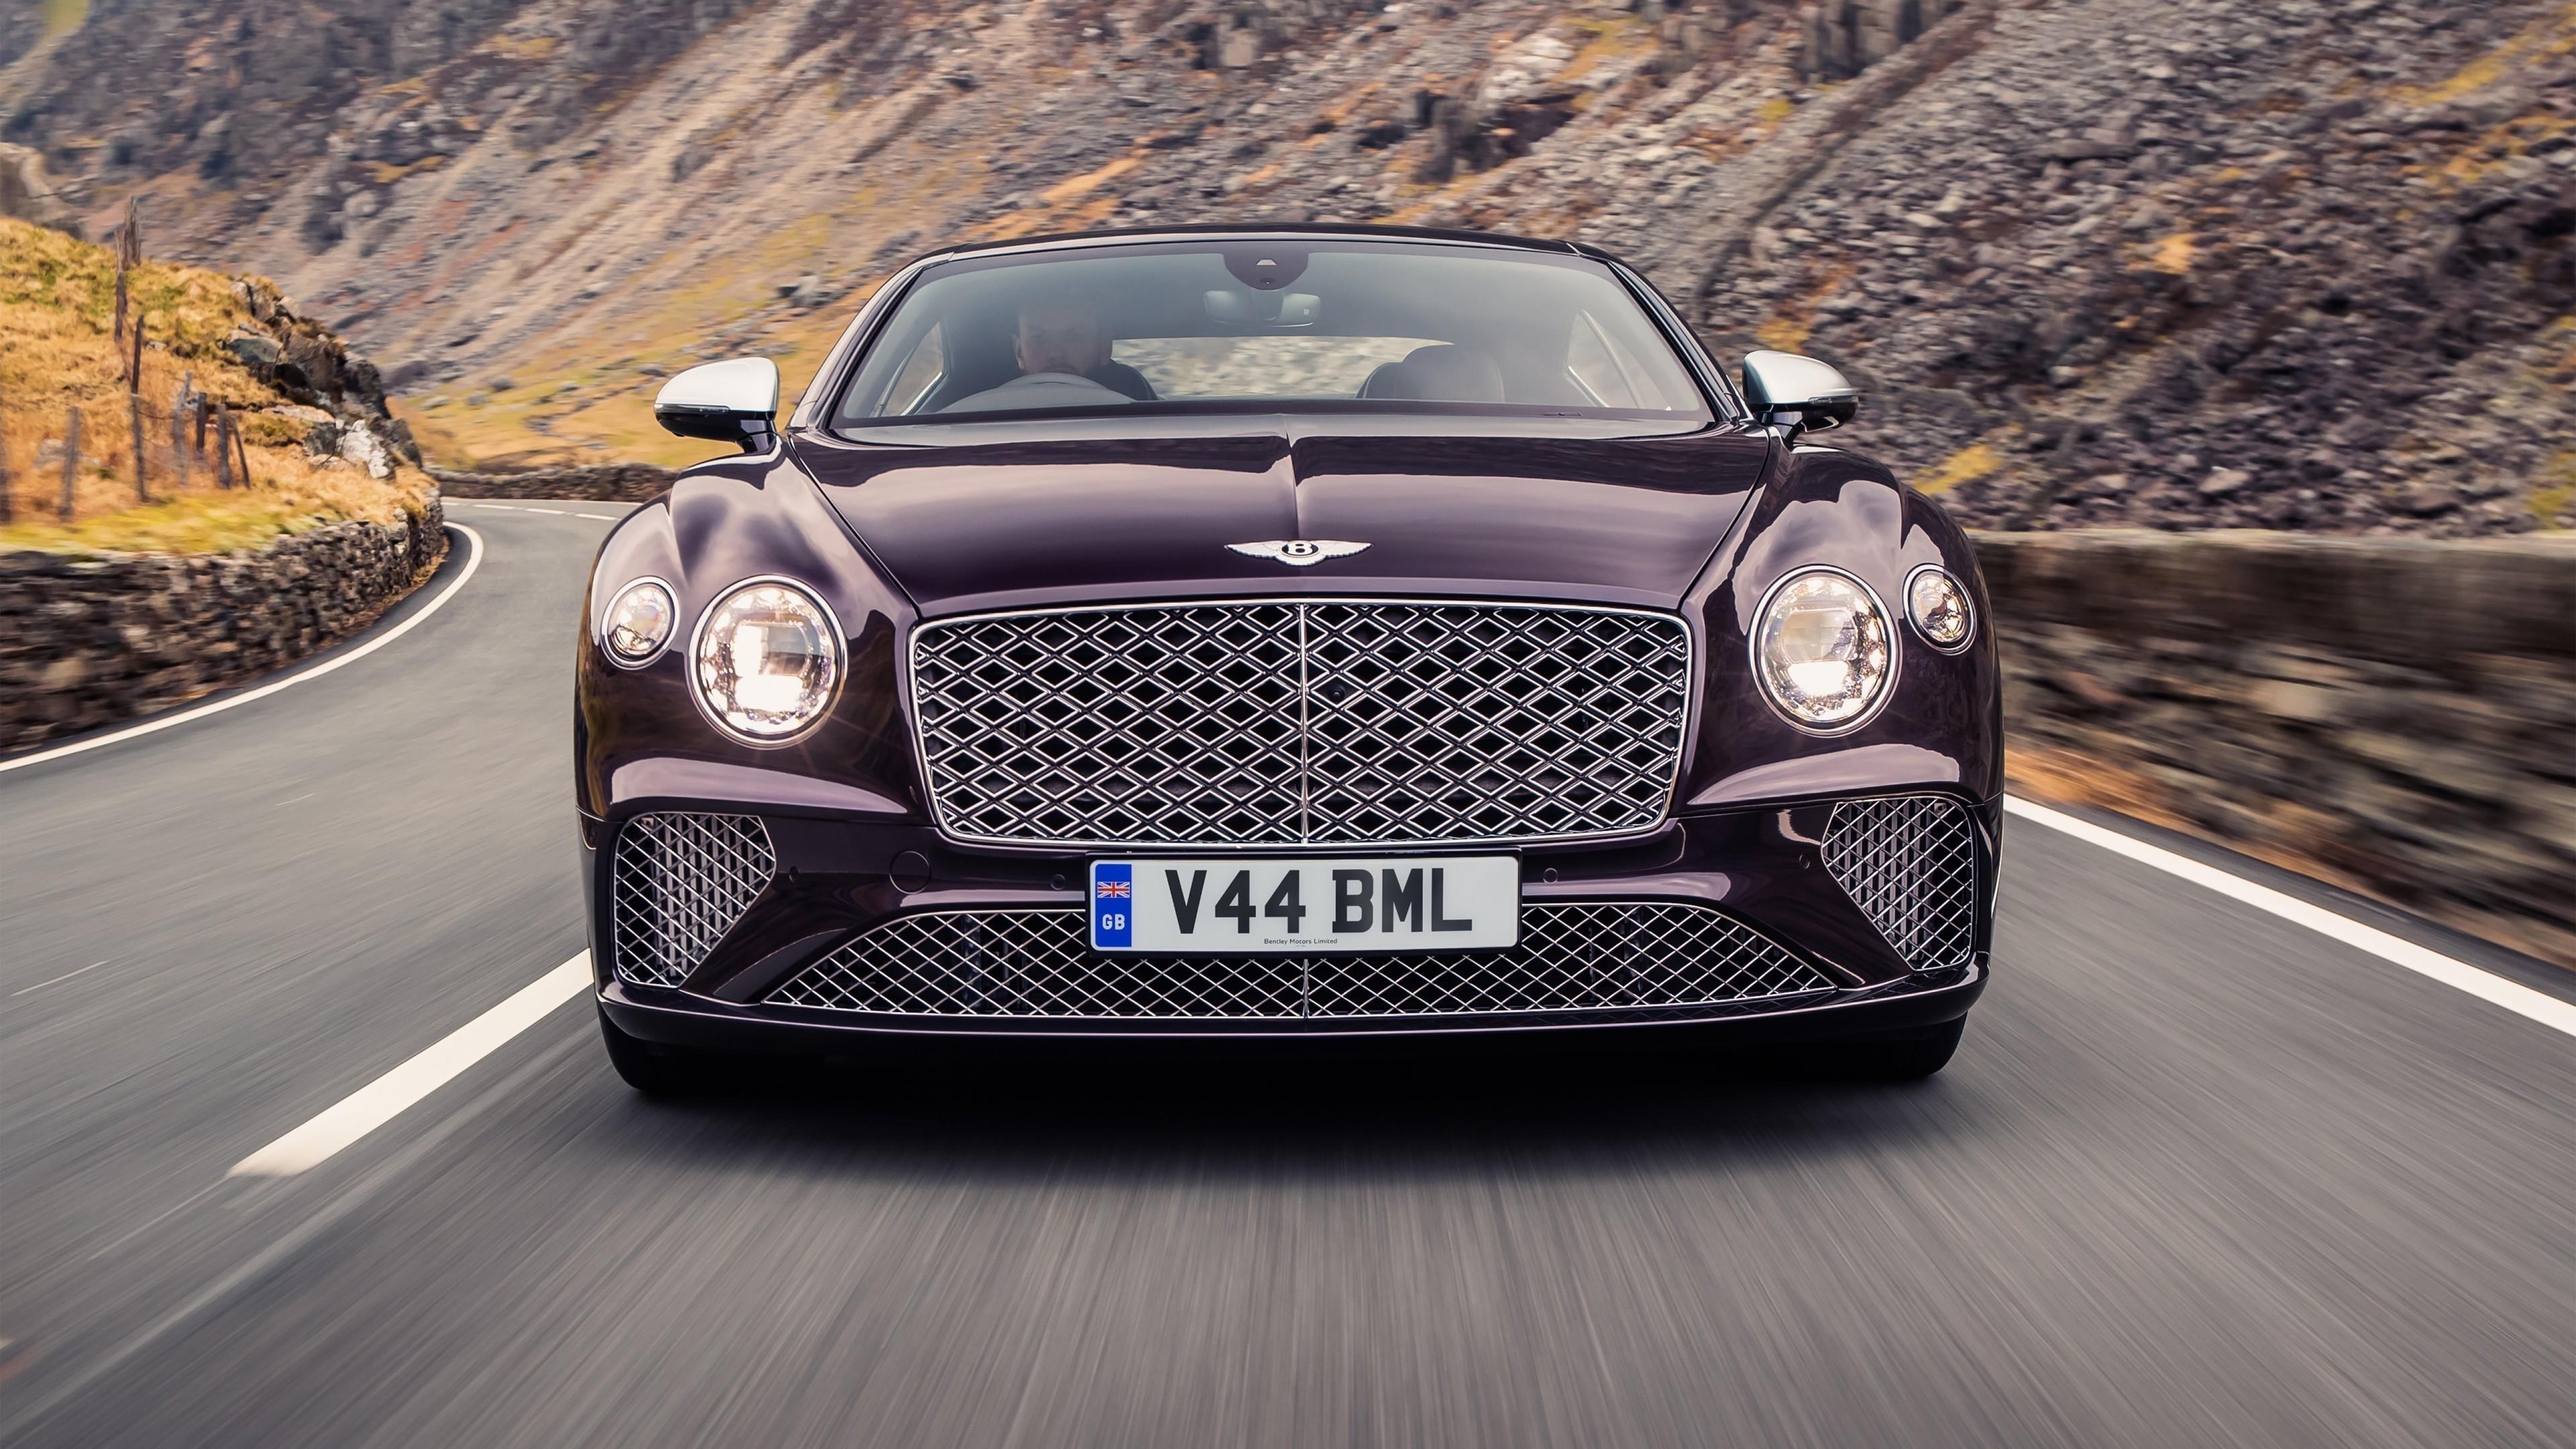 Bentley continental gt mulliner 2 автомобиля обои скачать